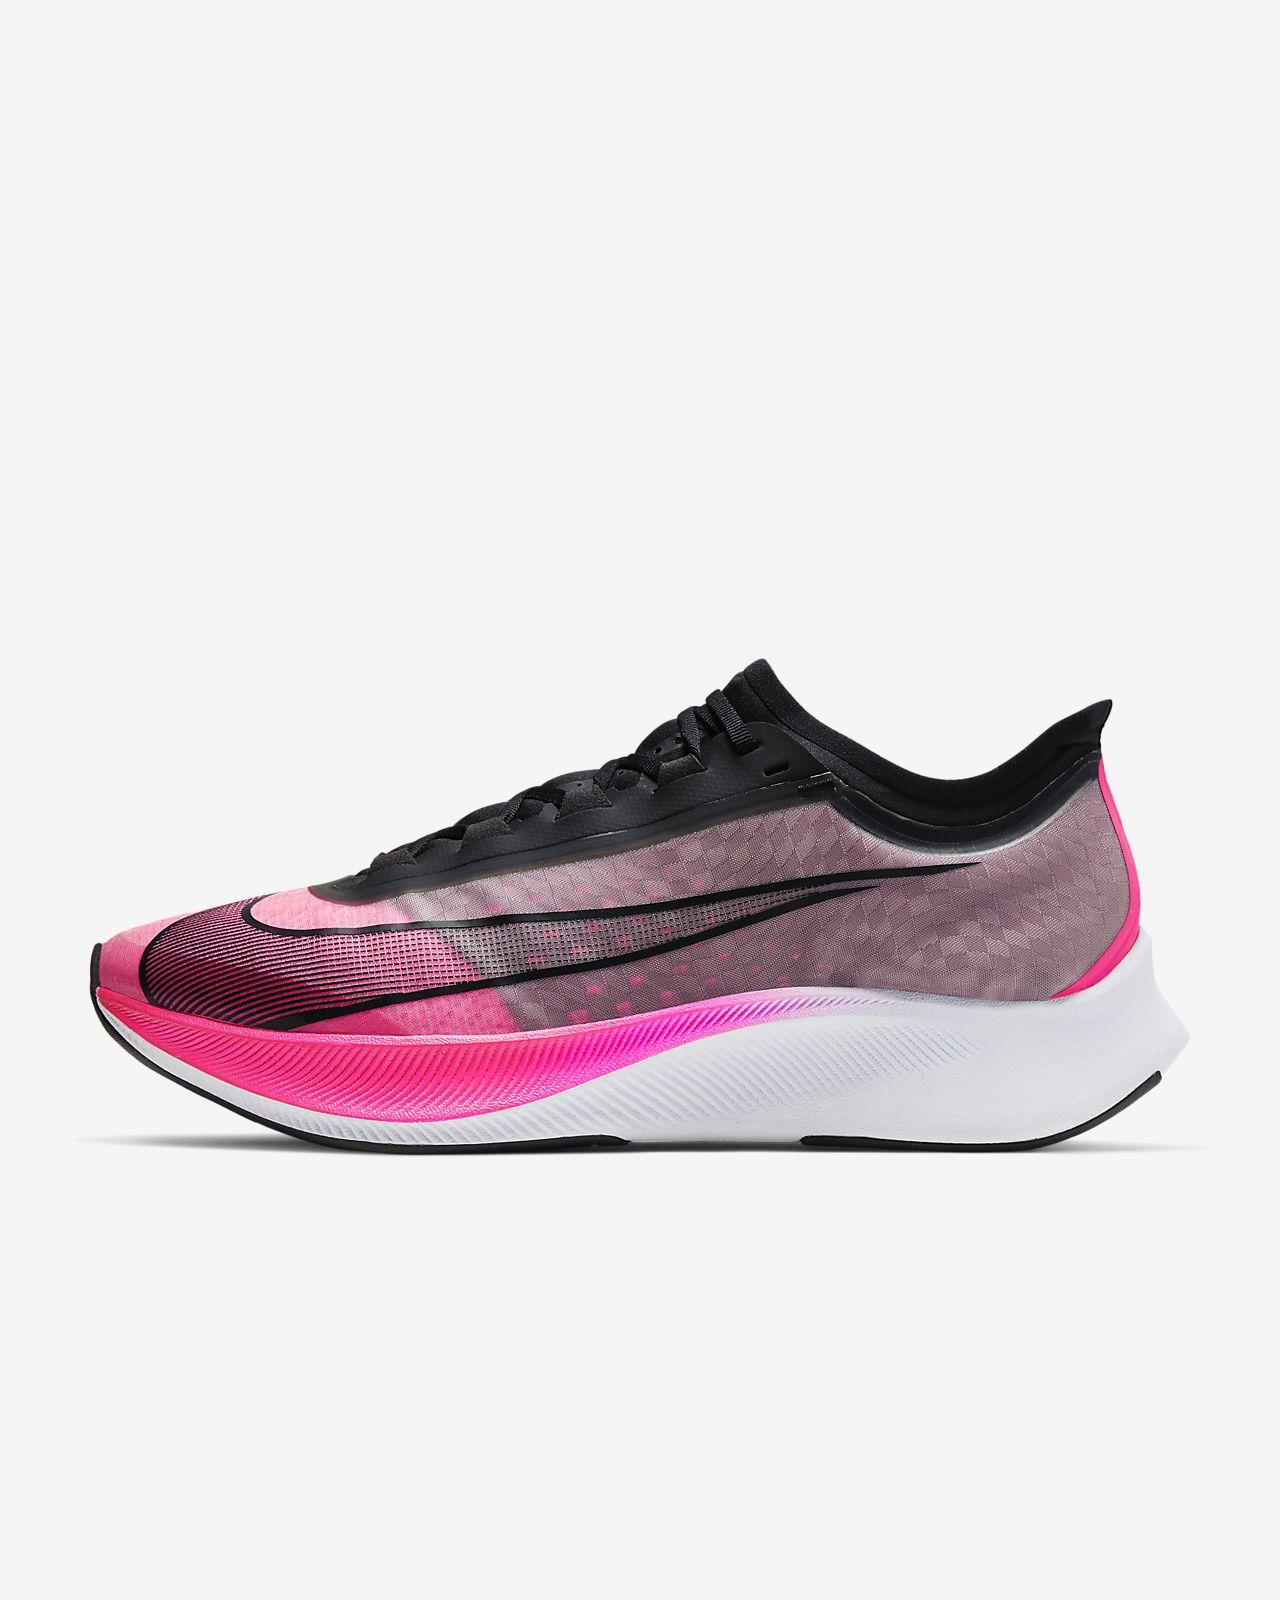 Pánská běžecká bota Nike Zoom Fly 3